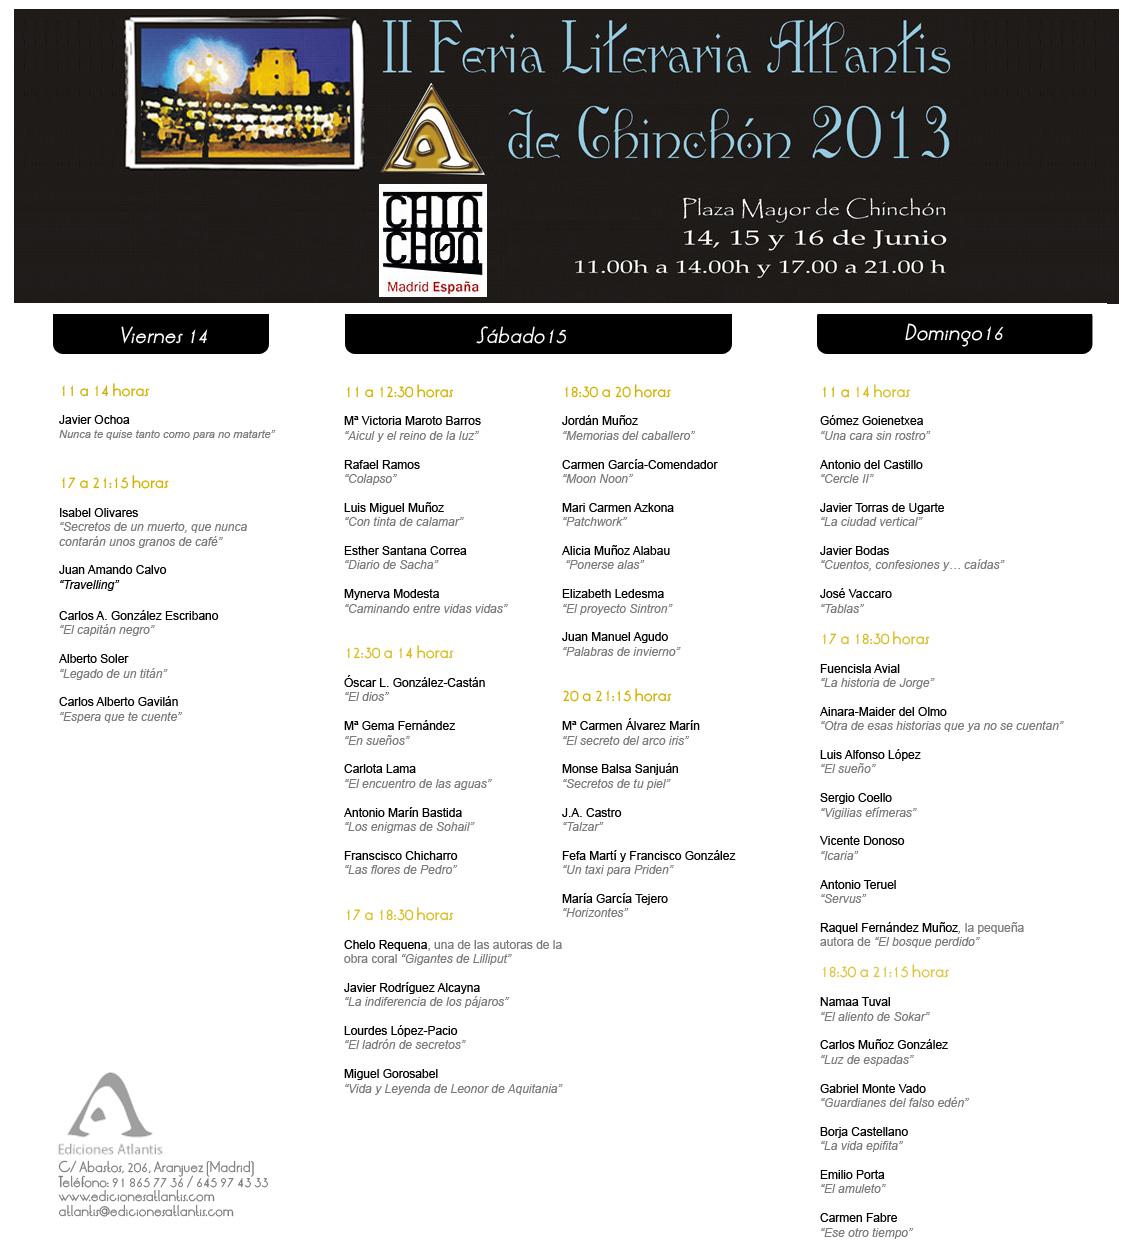 Programa de la II Feria Literaria Atlantis de Chinchón 2013